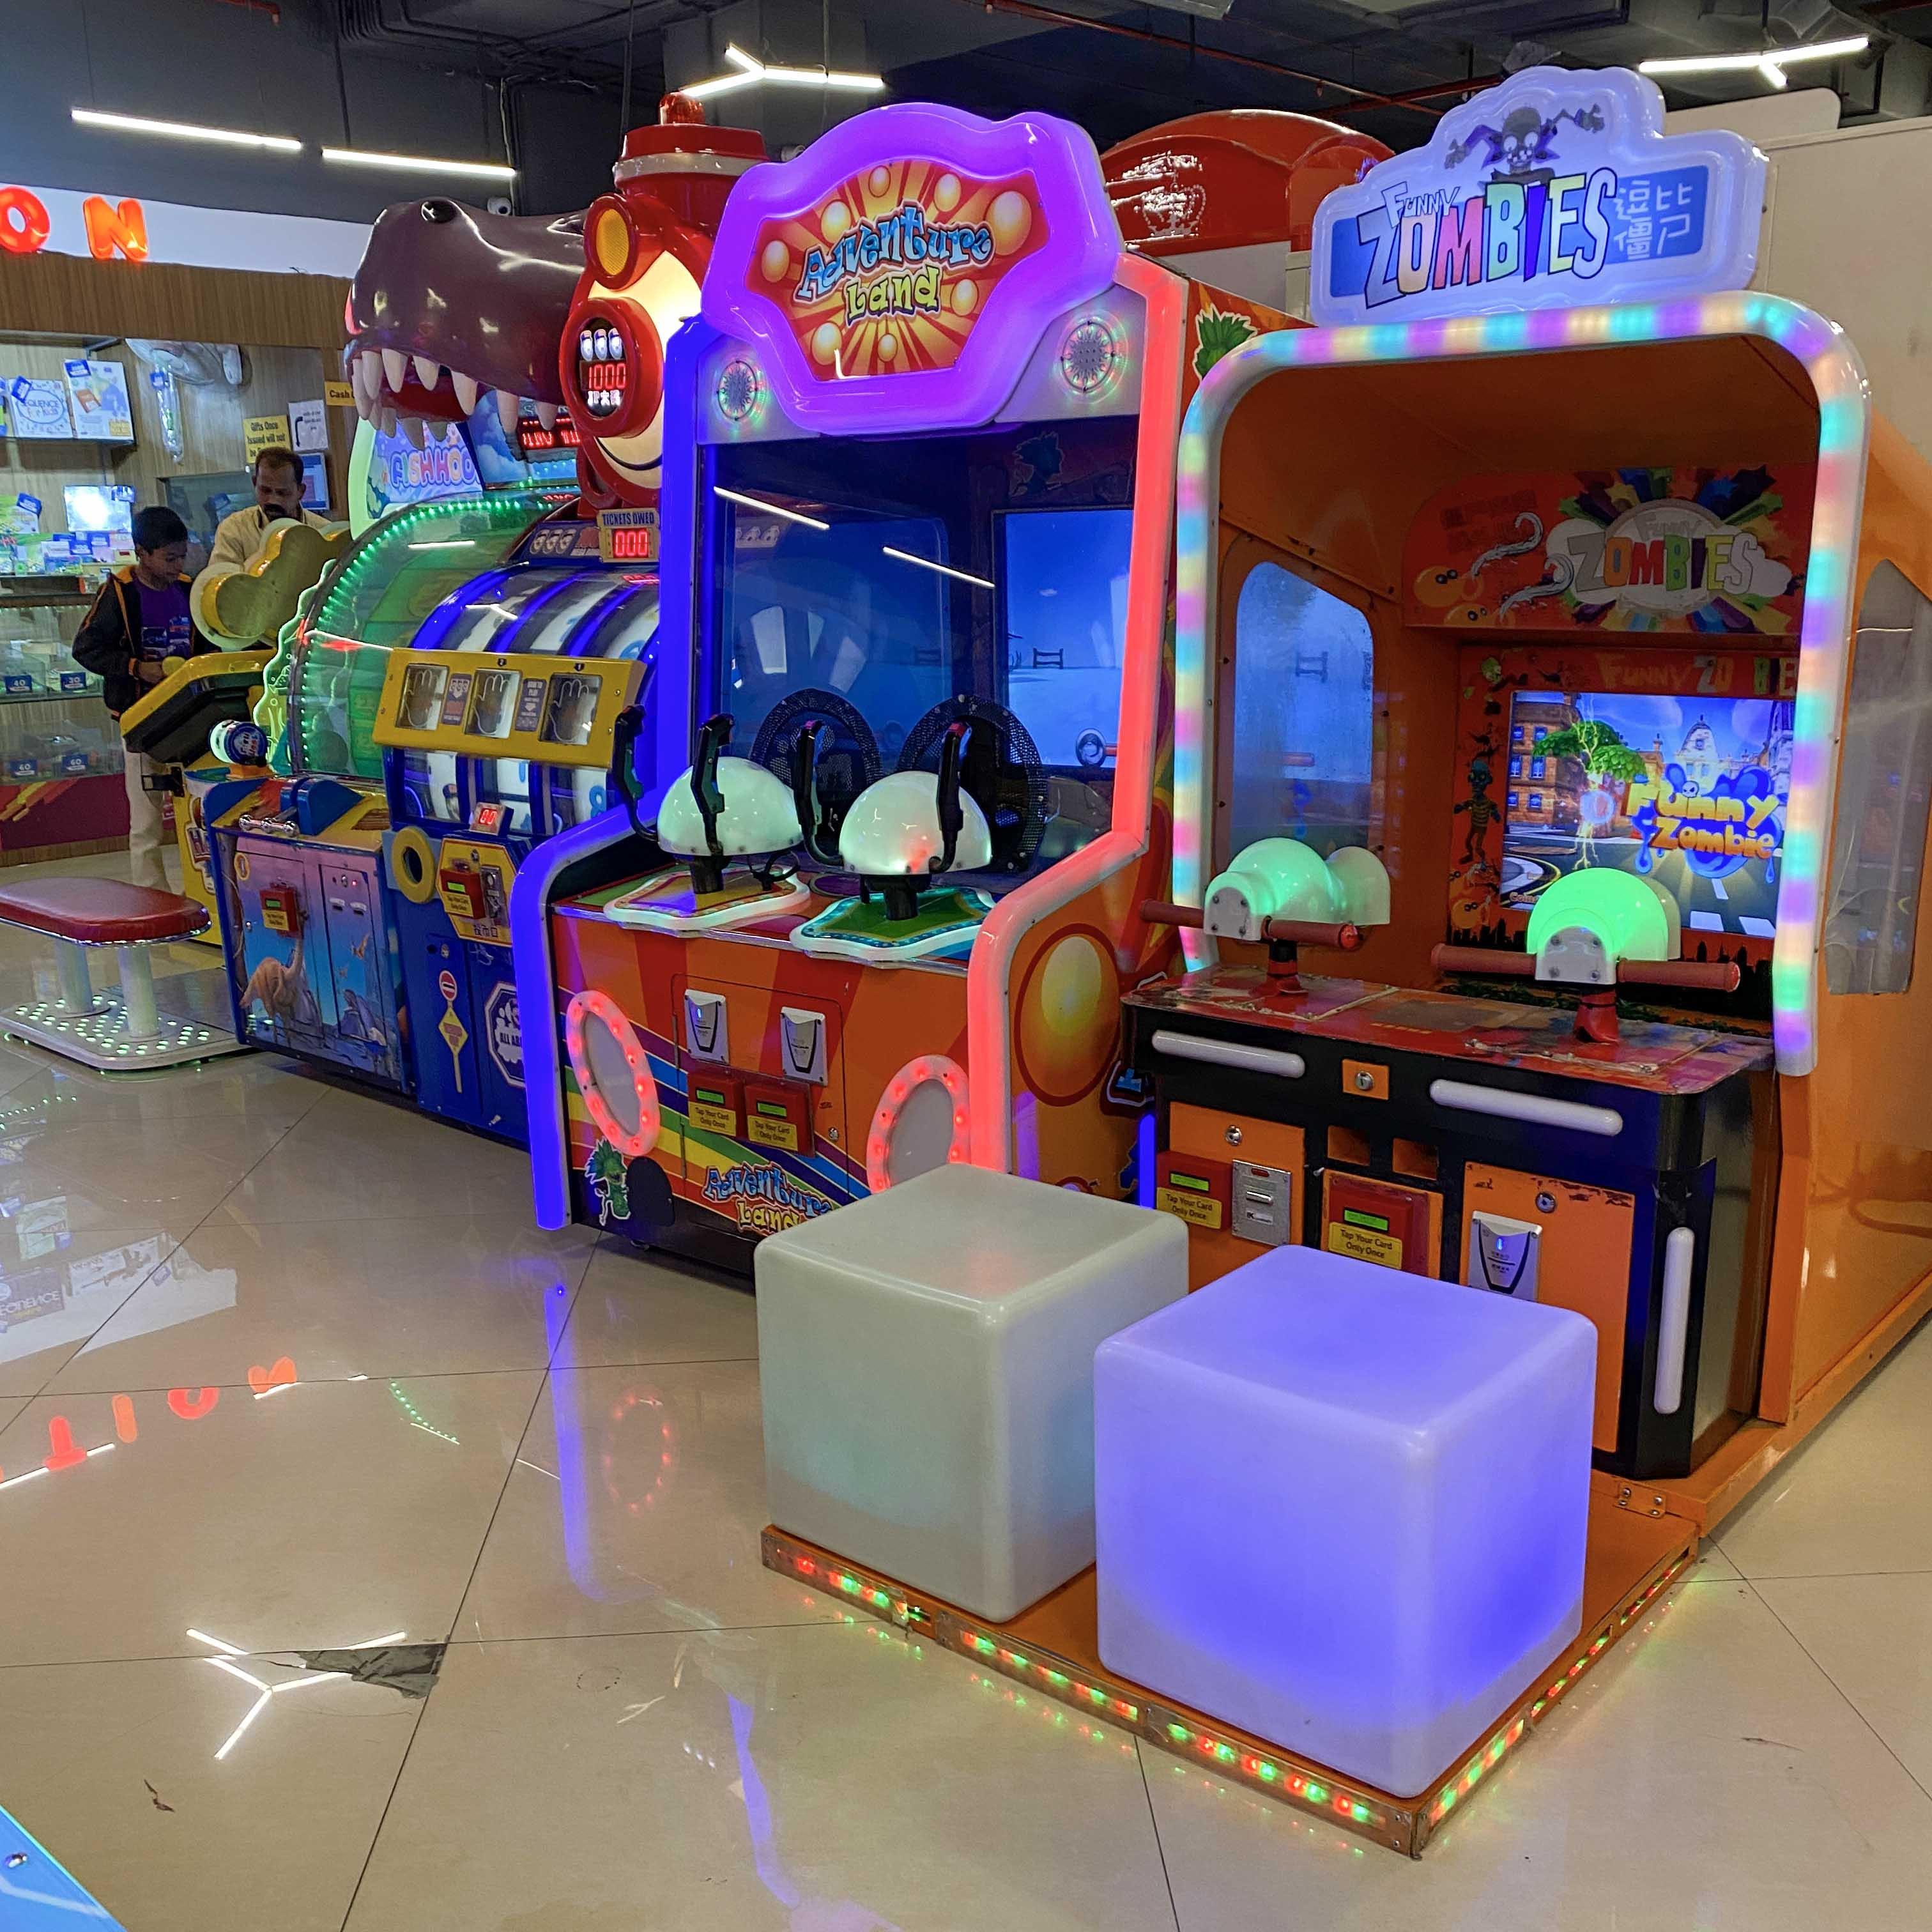 image - LED - Live Entertainment Destination